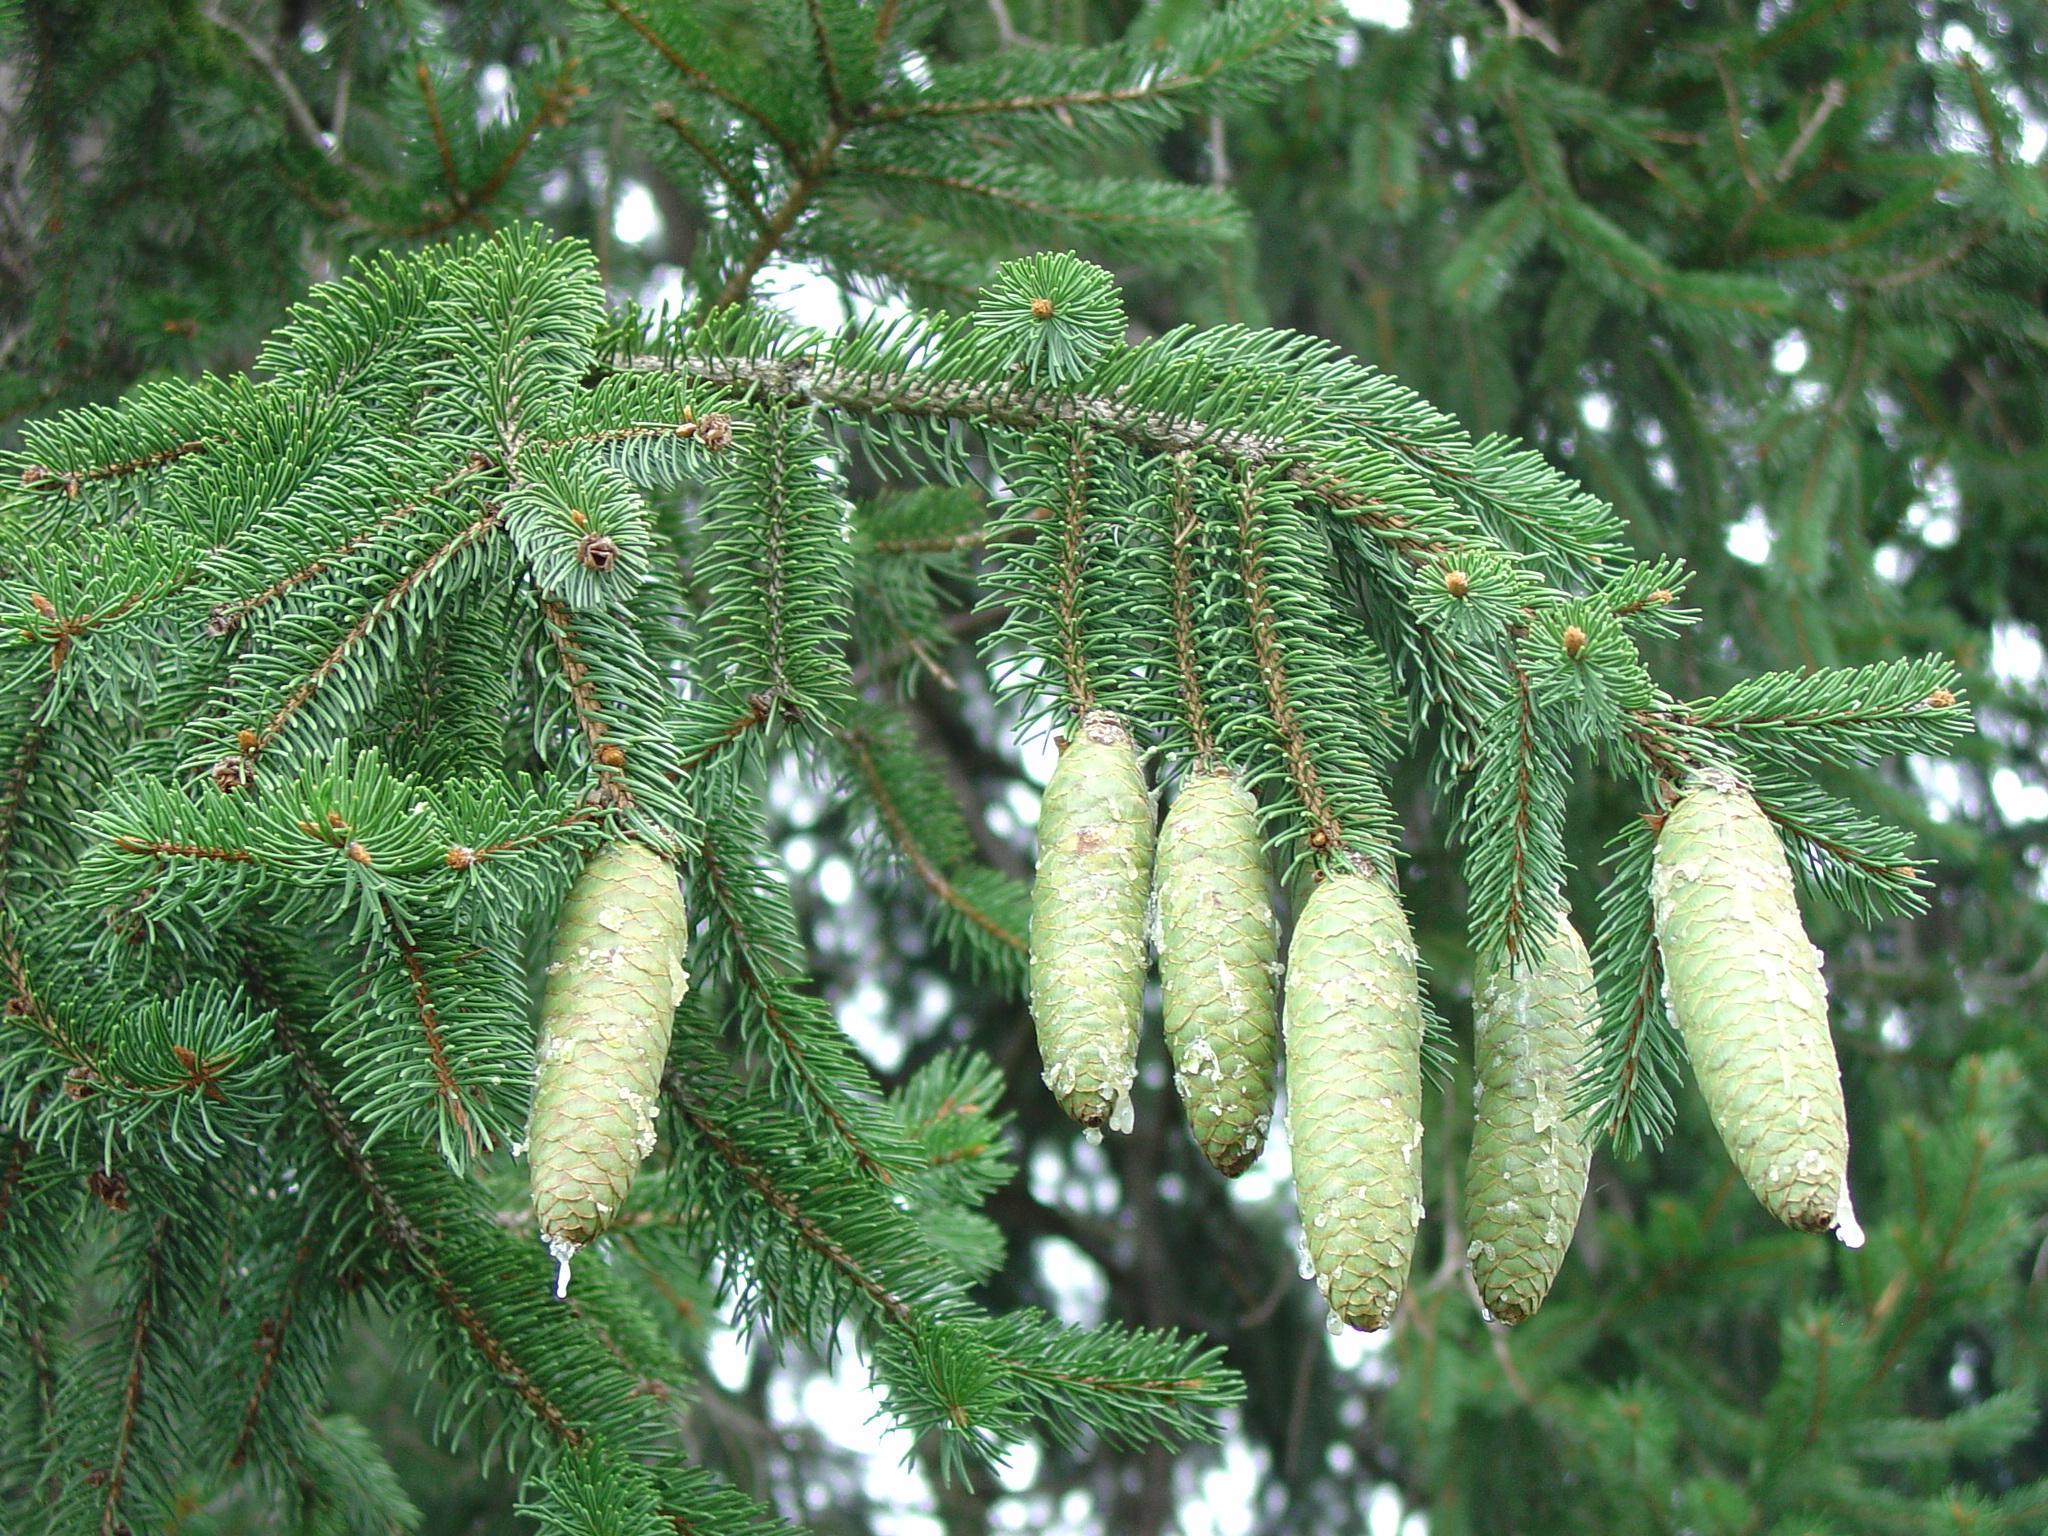 Picea-abies-green seed cones.jpg